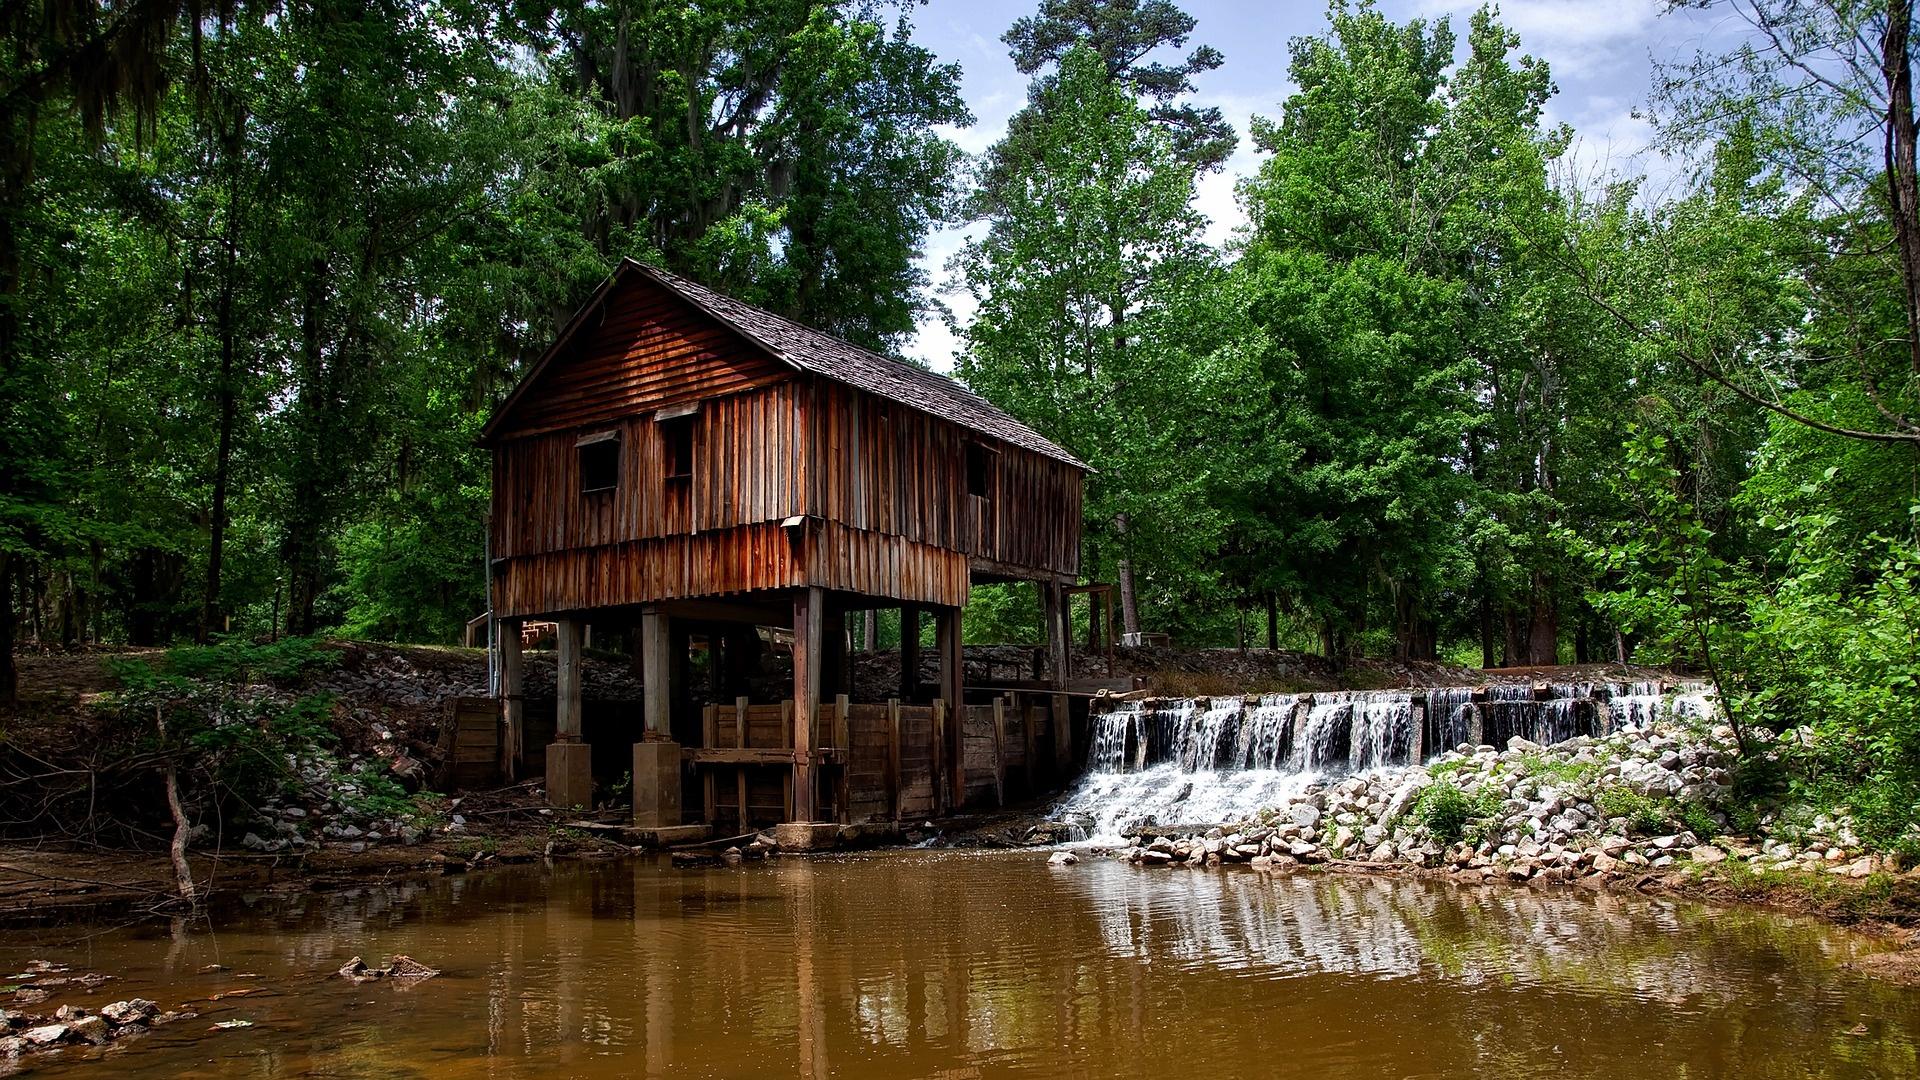 Hütte am Sumpf in Alabama